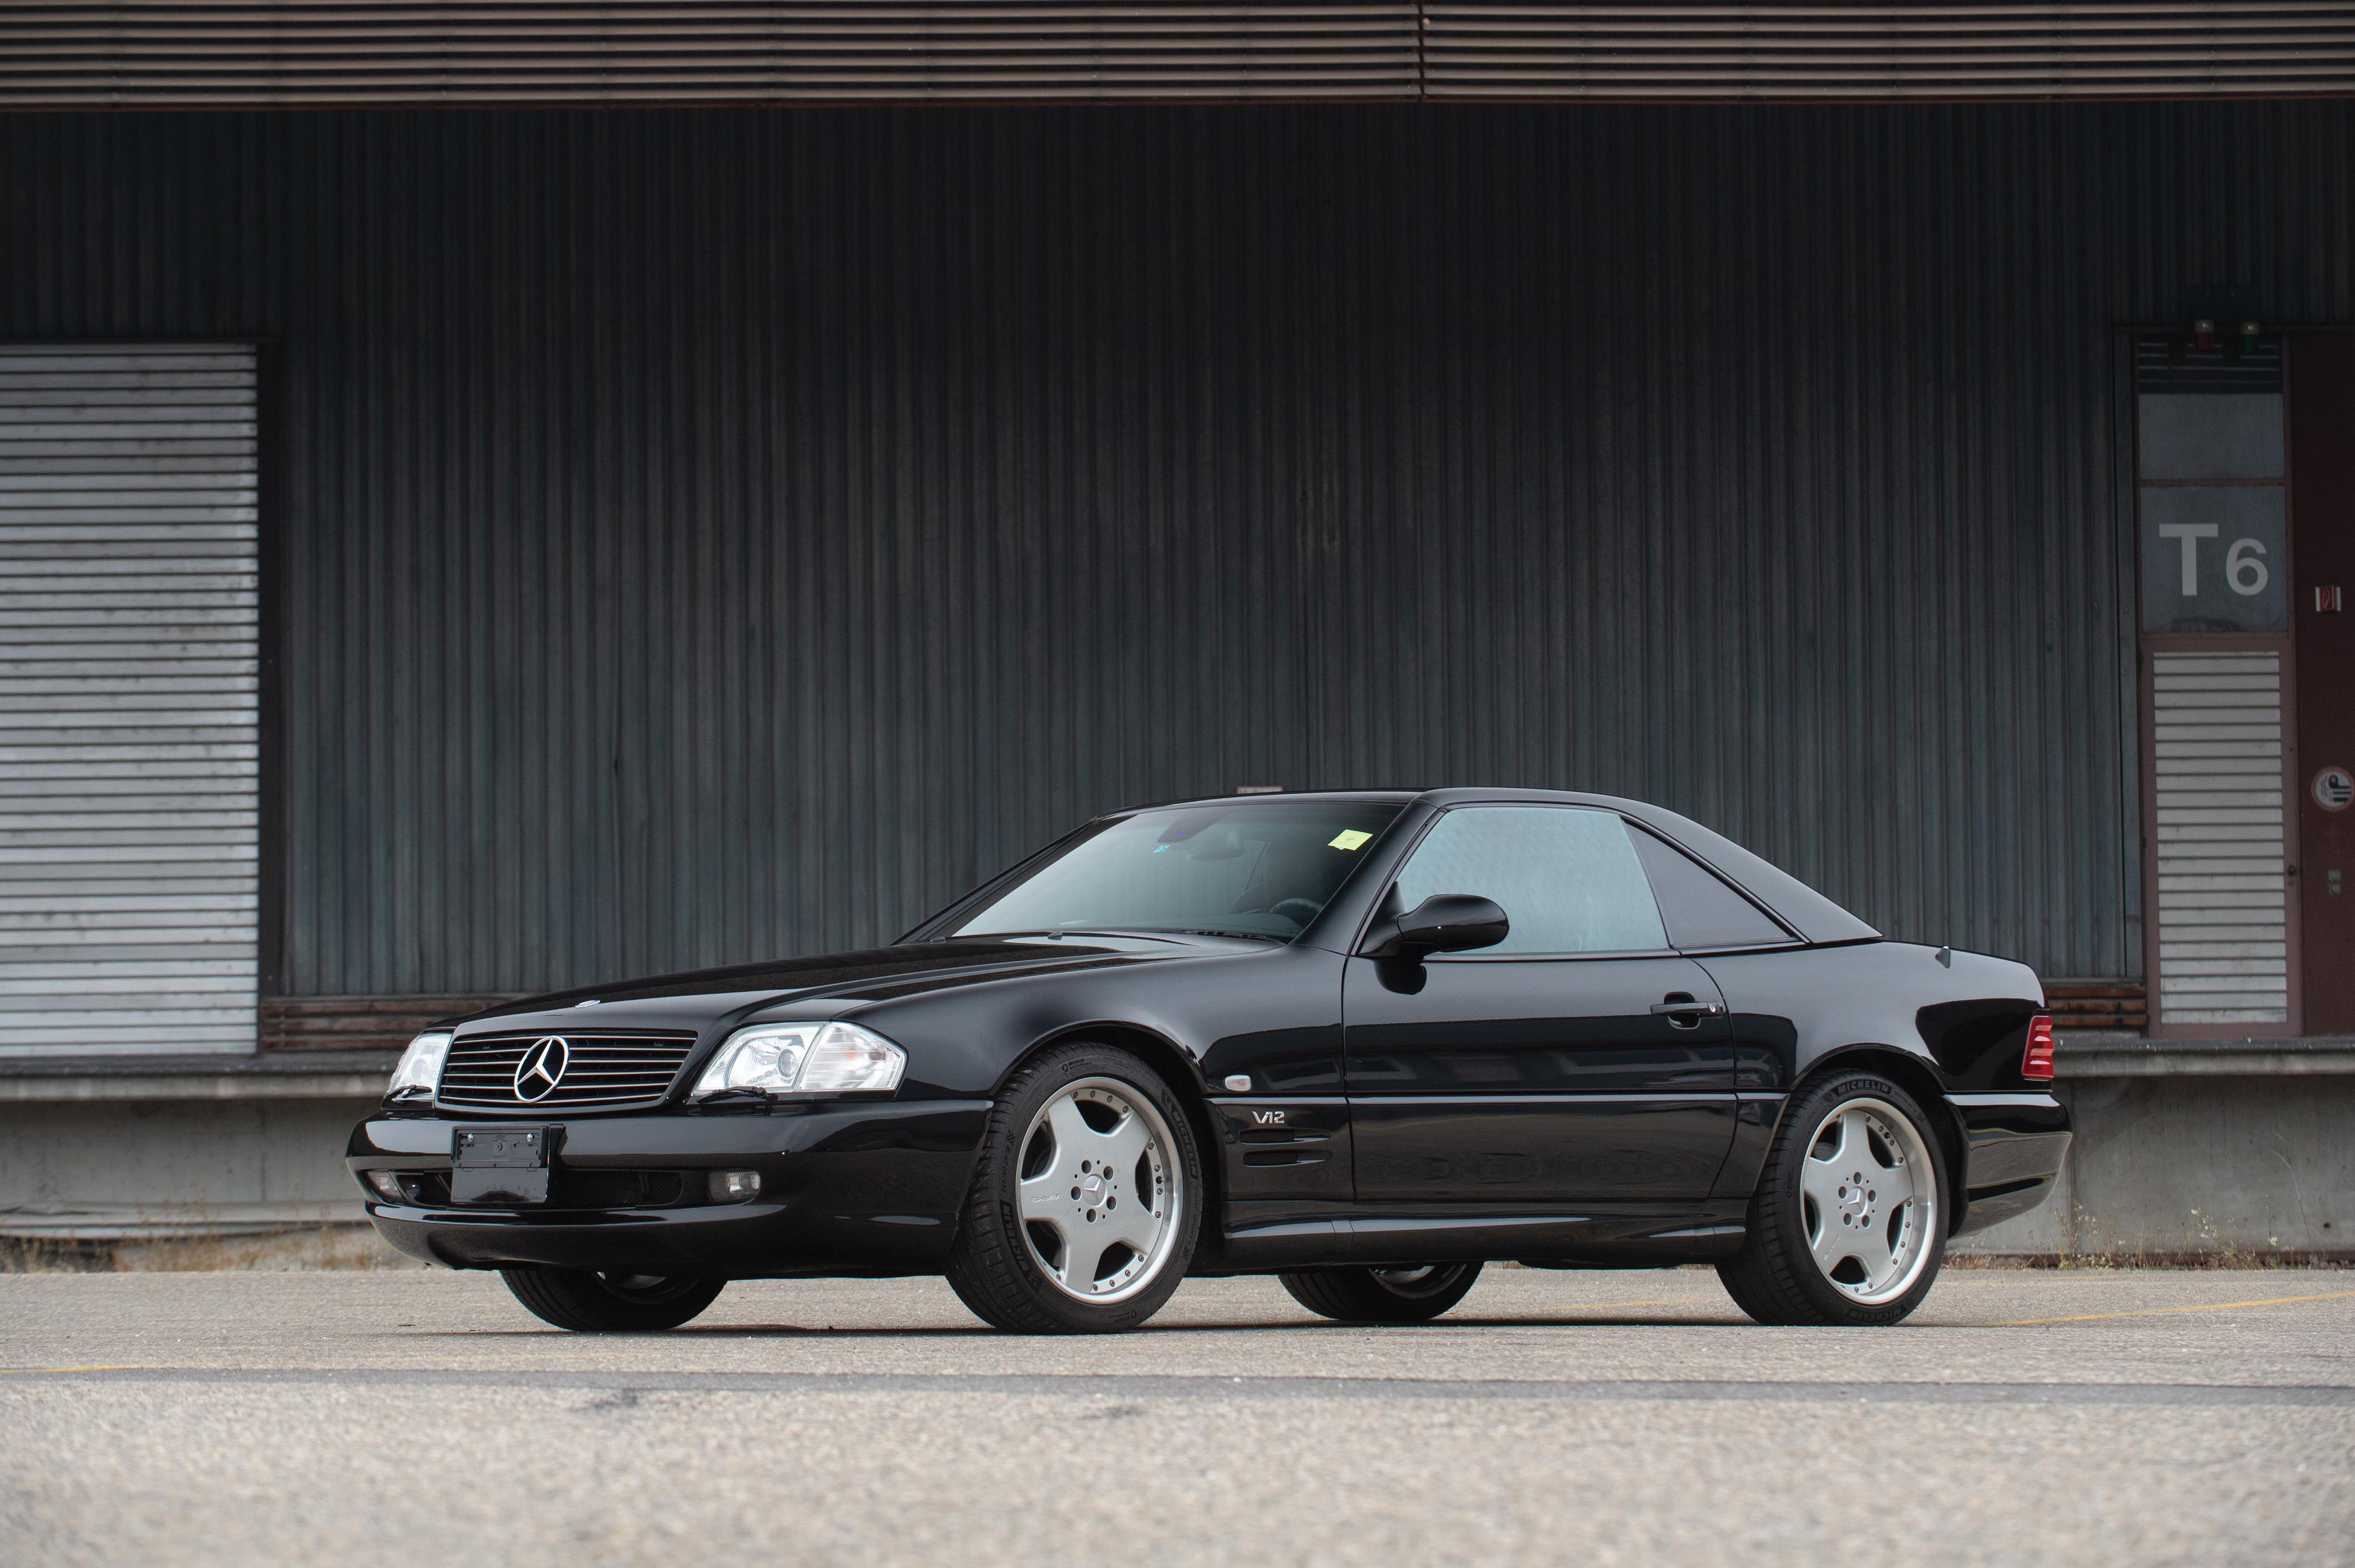 1998 Mercedes-Benz SL 70 AMG - RM Sotheby's Essen Sale